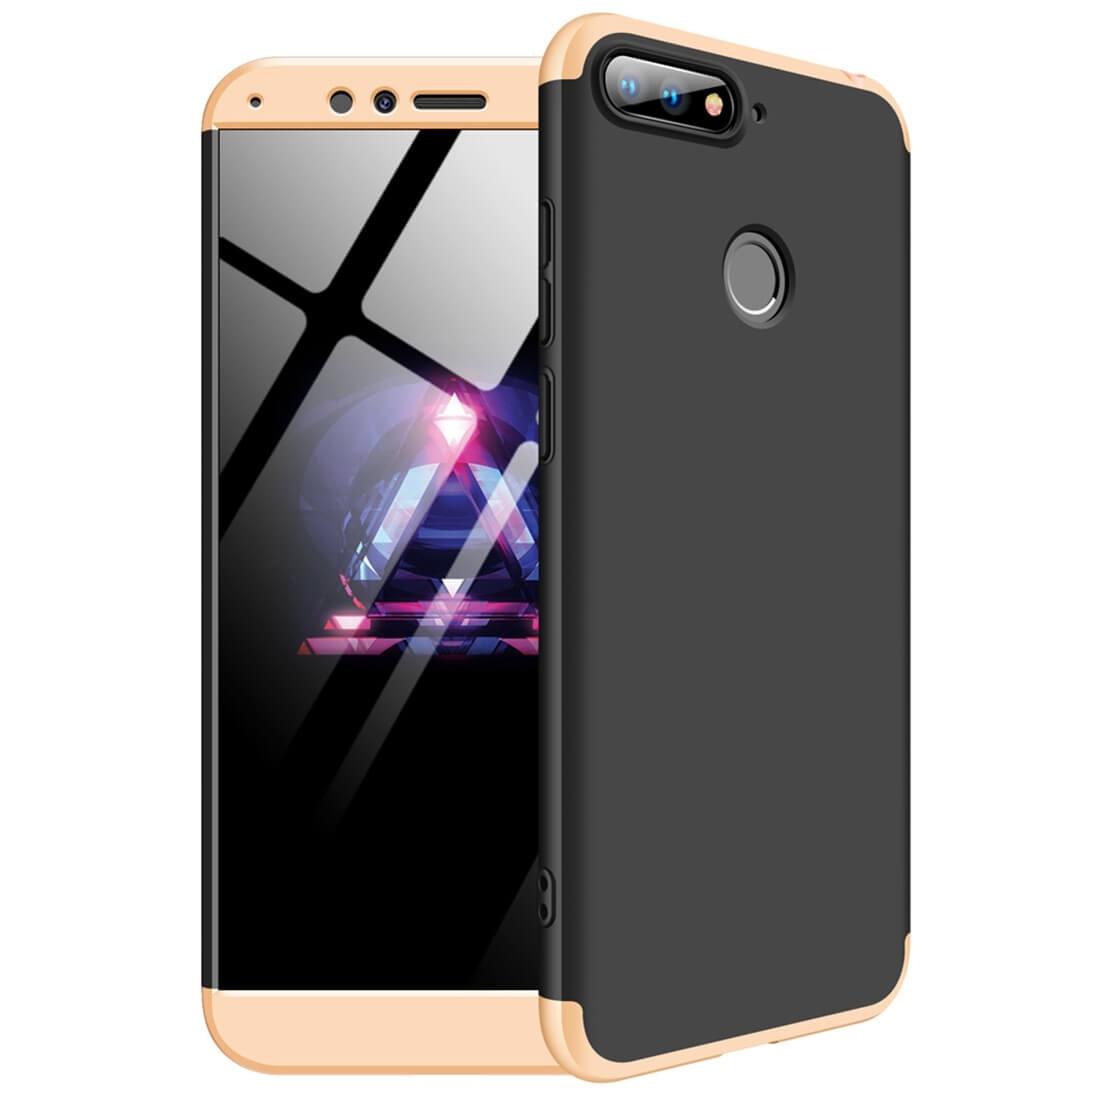 FORCELL 360 ° Ochranný kryt Huawei Y6 Prime 2018 černý-zlatý